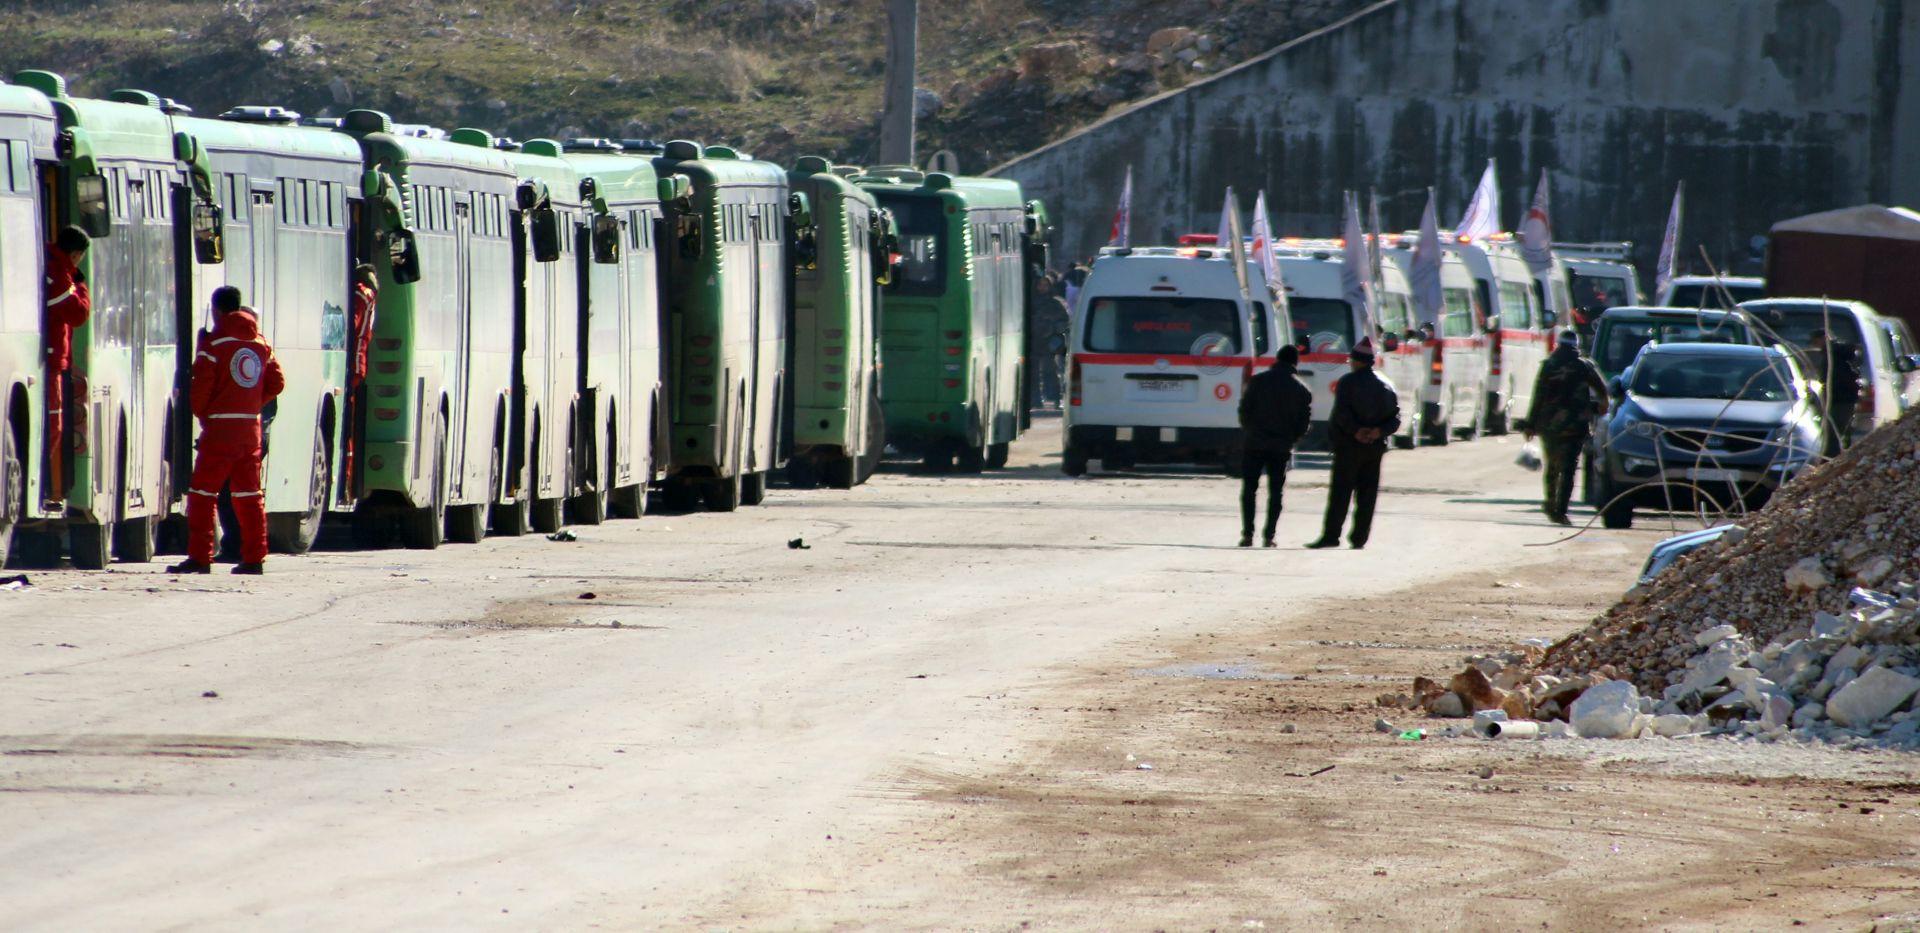 OPERACIJA SPAŠAVANJA STANOVNIKA: Više od tisuću ljudi evakuirano iz Alepa